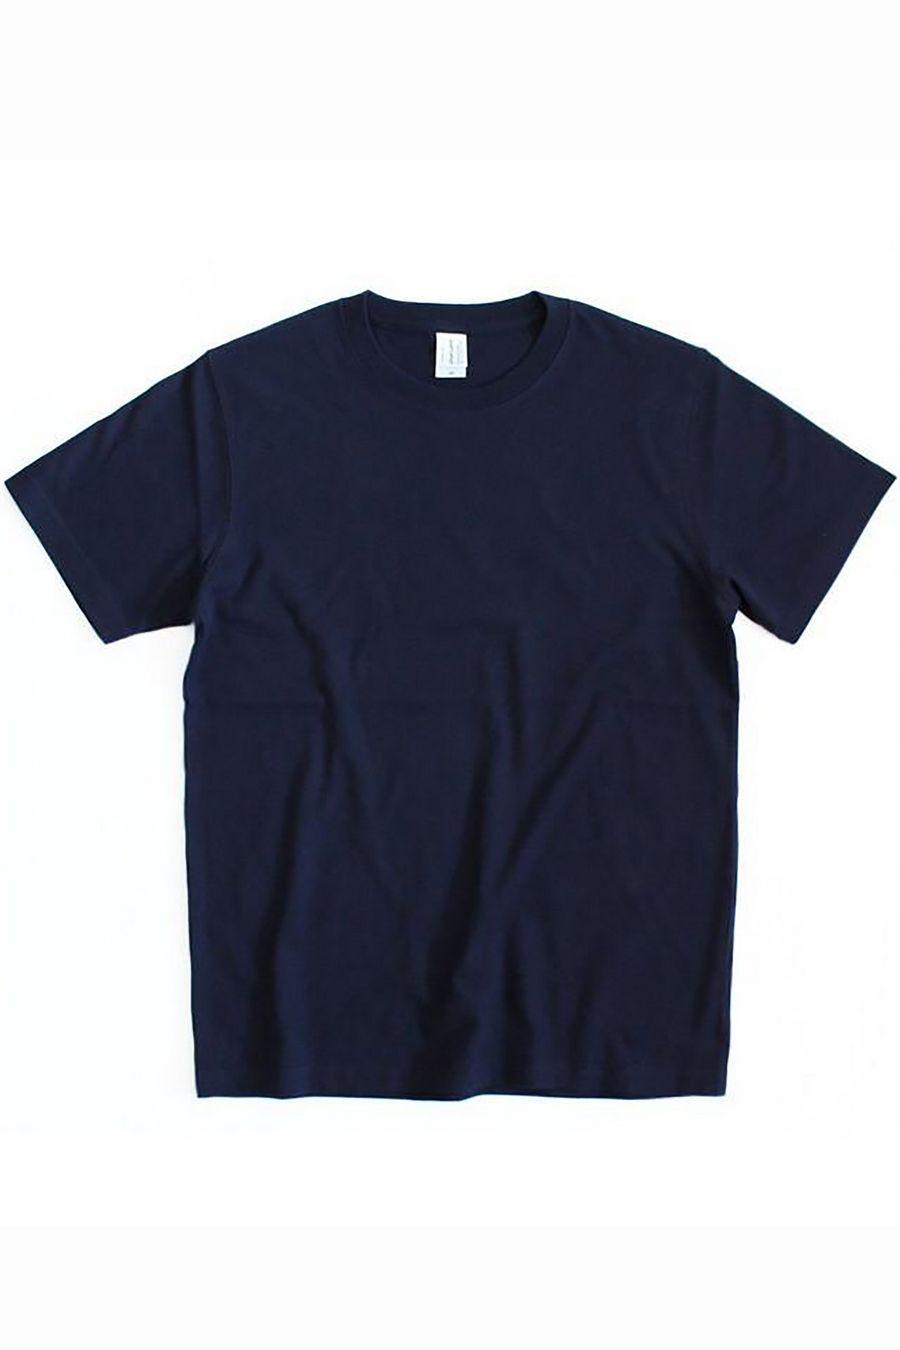 Футболка мужская к/р однотонная т.синяя - фото 1